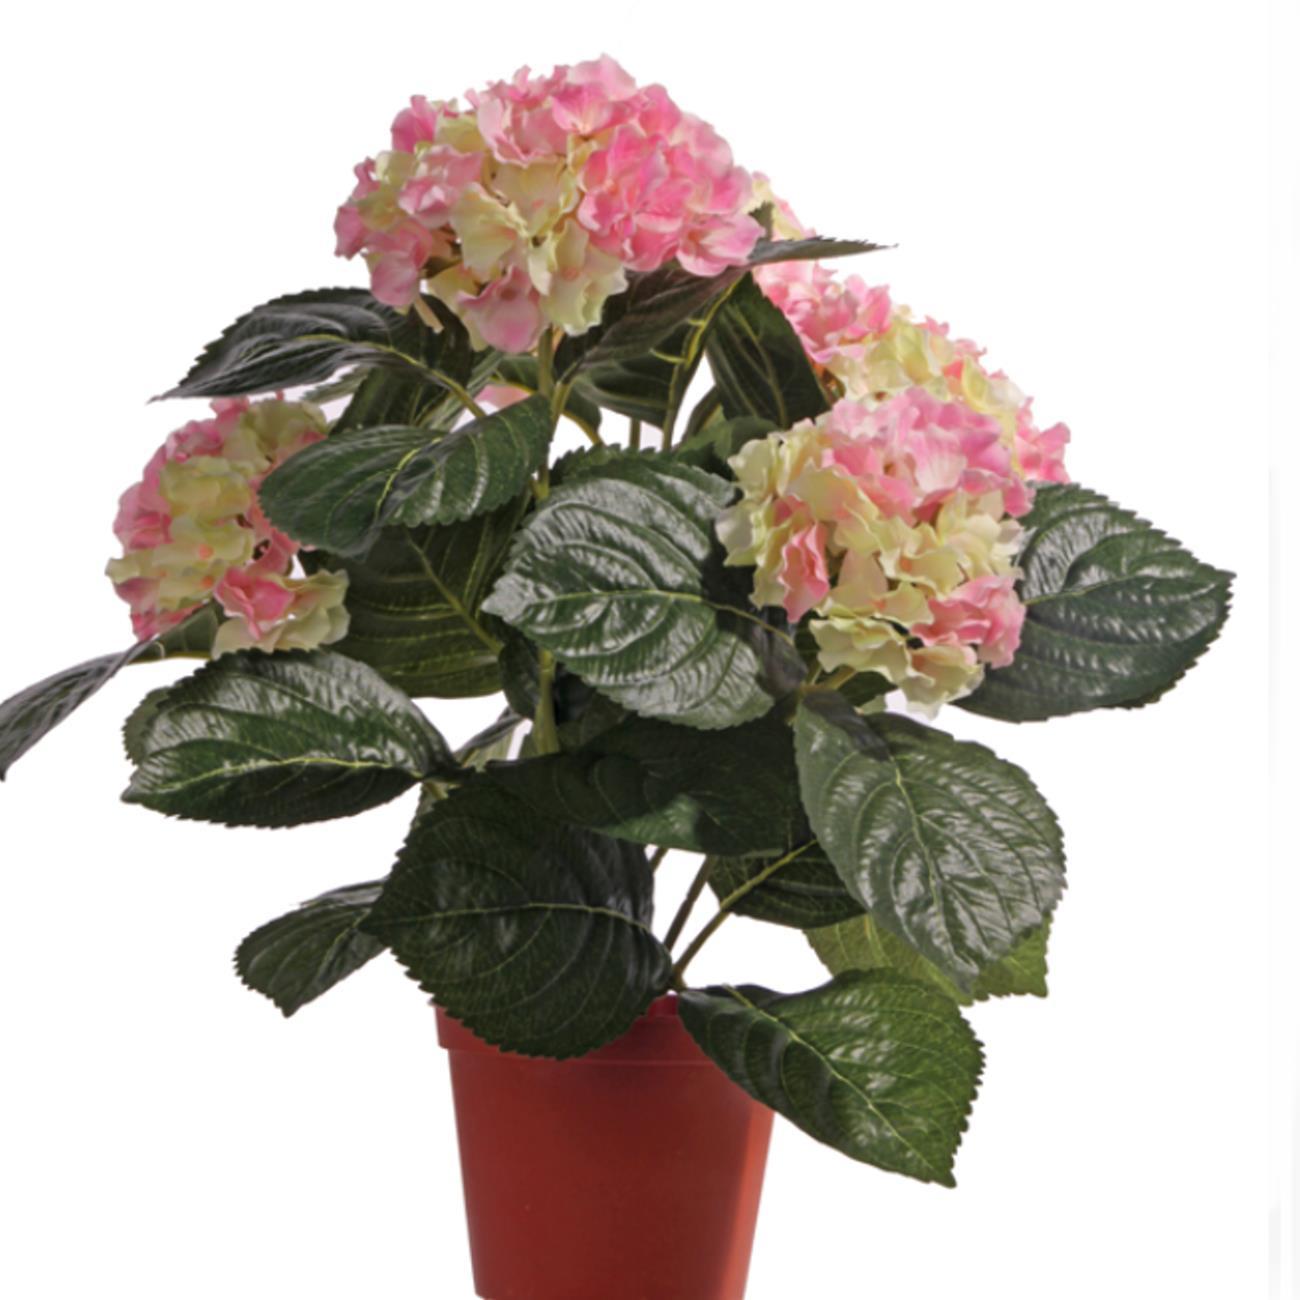 k nstliche hortensienpflanze im topf f r einen dauerhaften blumenschmuck. Black Bedroom Furniture Sets. Home Design Ideas